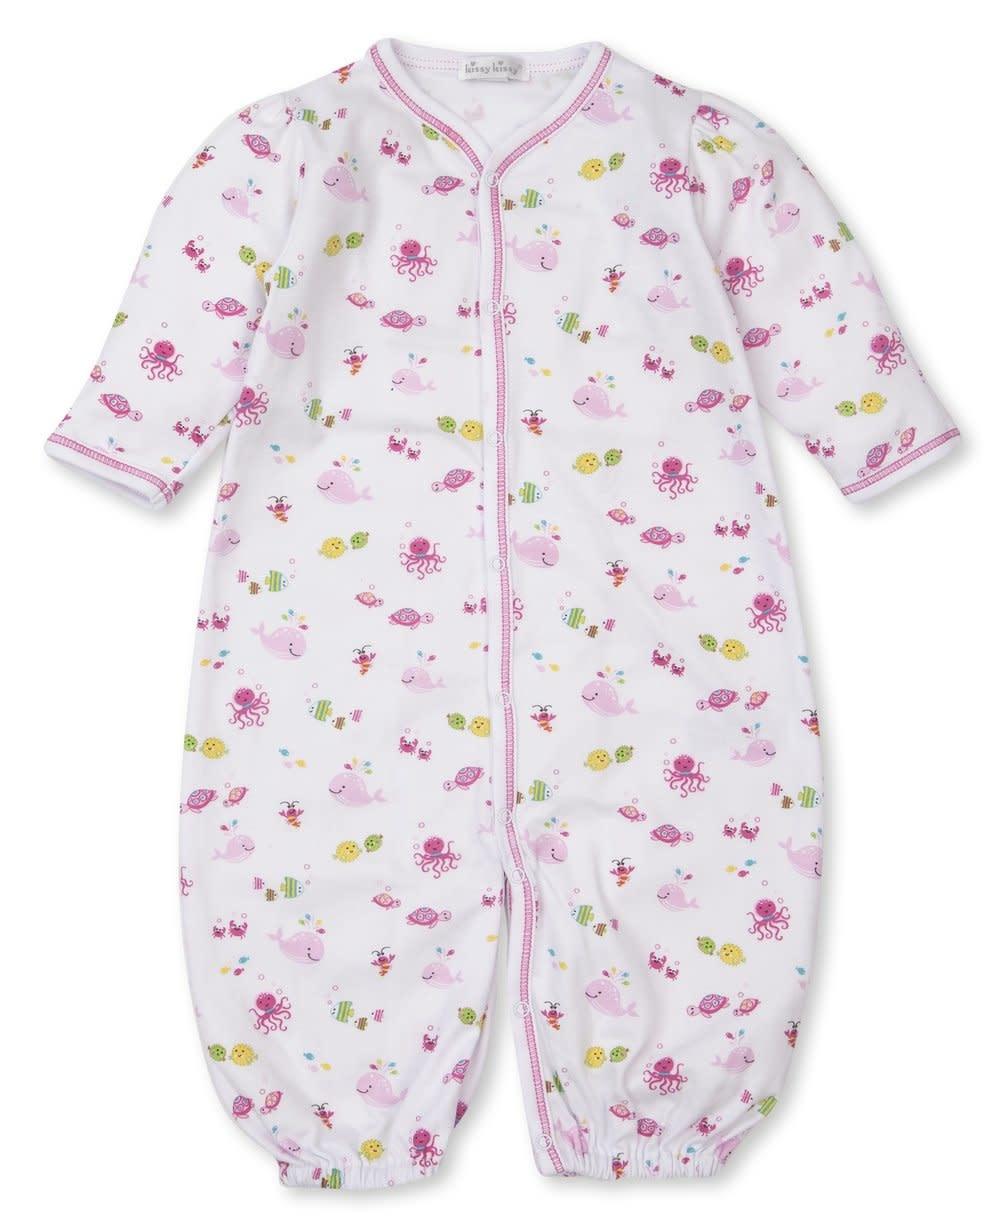 Kissy Kissy Pink Ocean Oasis Conv Gown